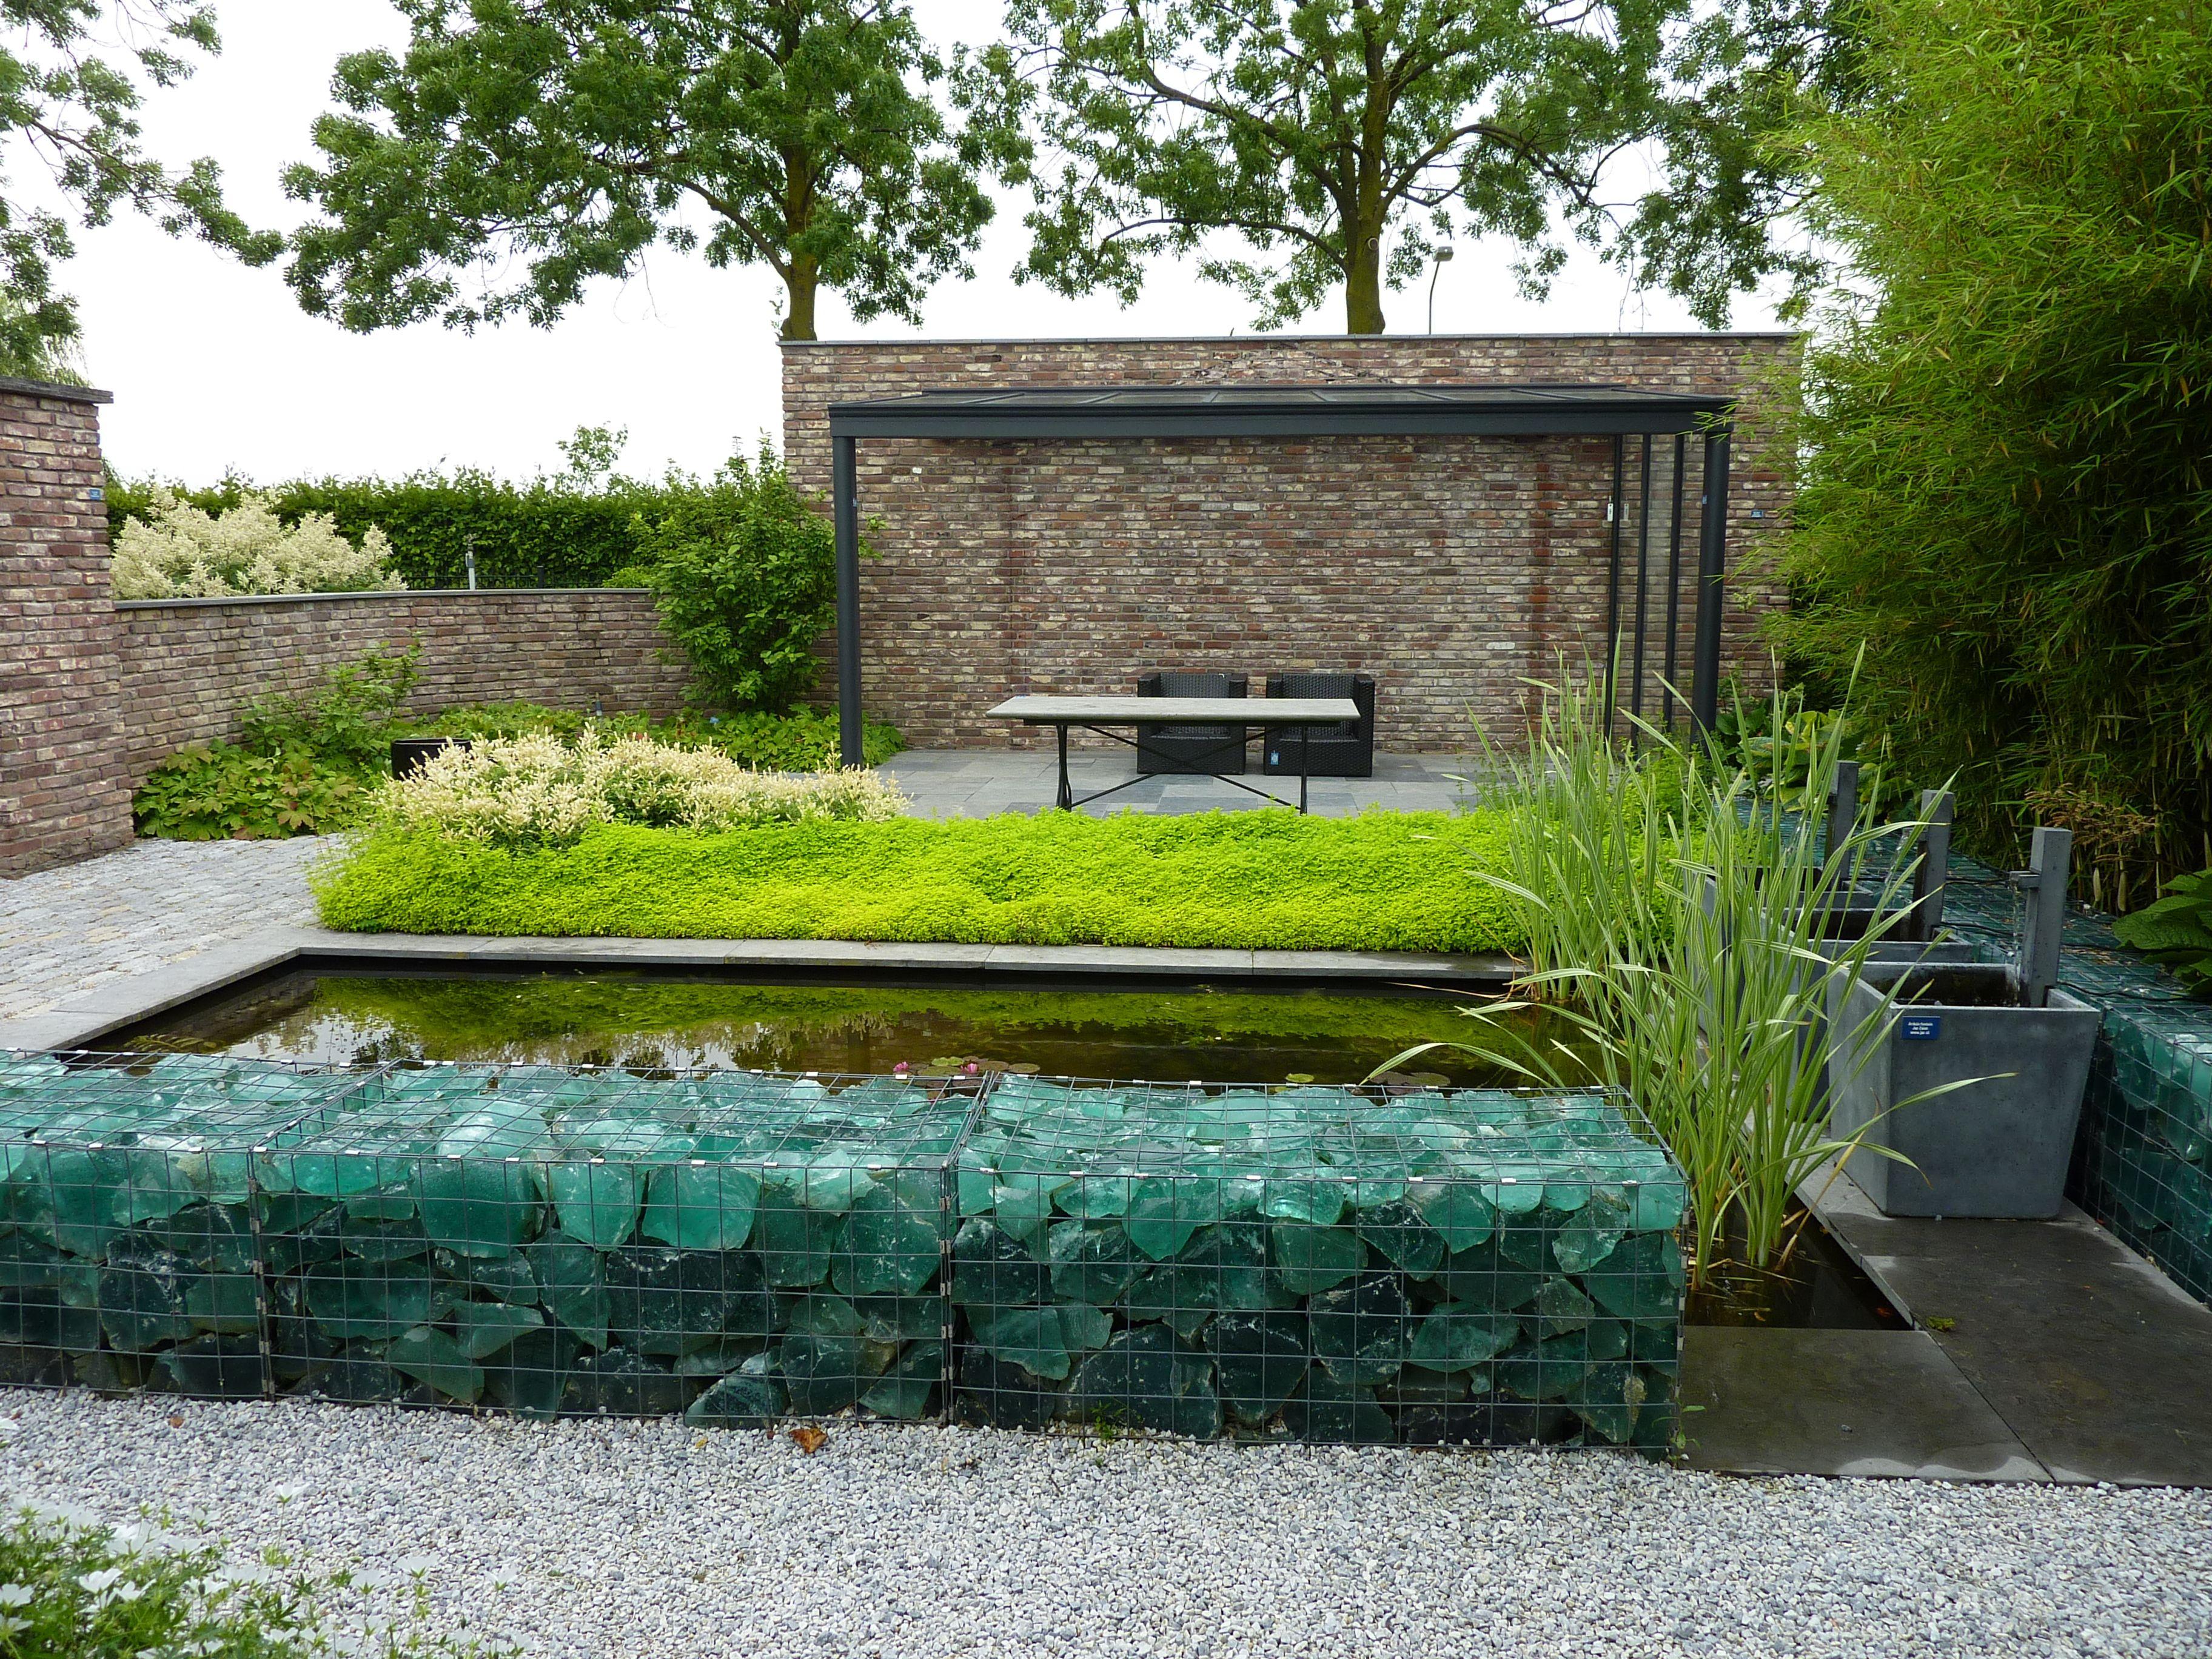 Wasser im garten ziegelmauer gräser gartenreise holland appeltern